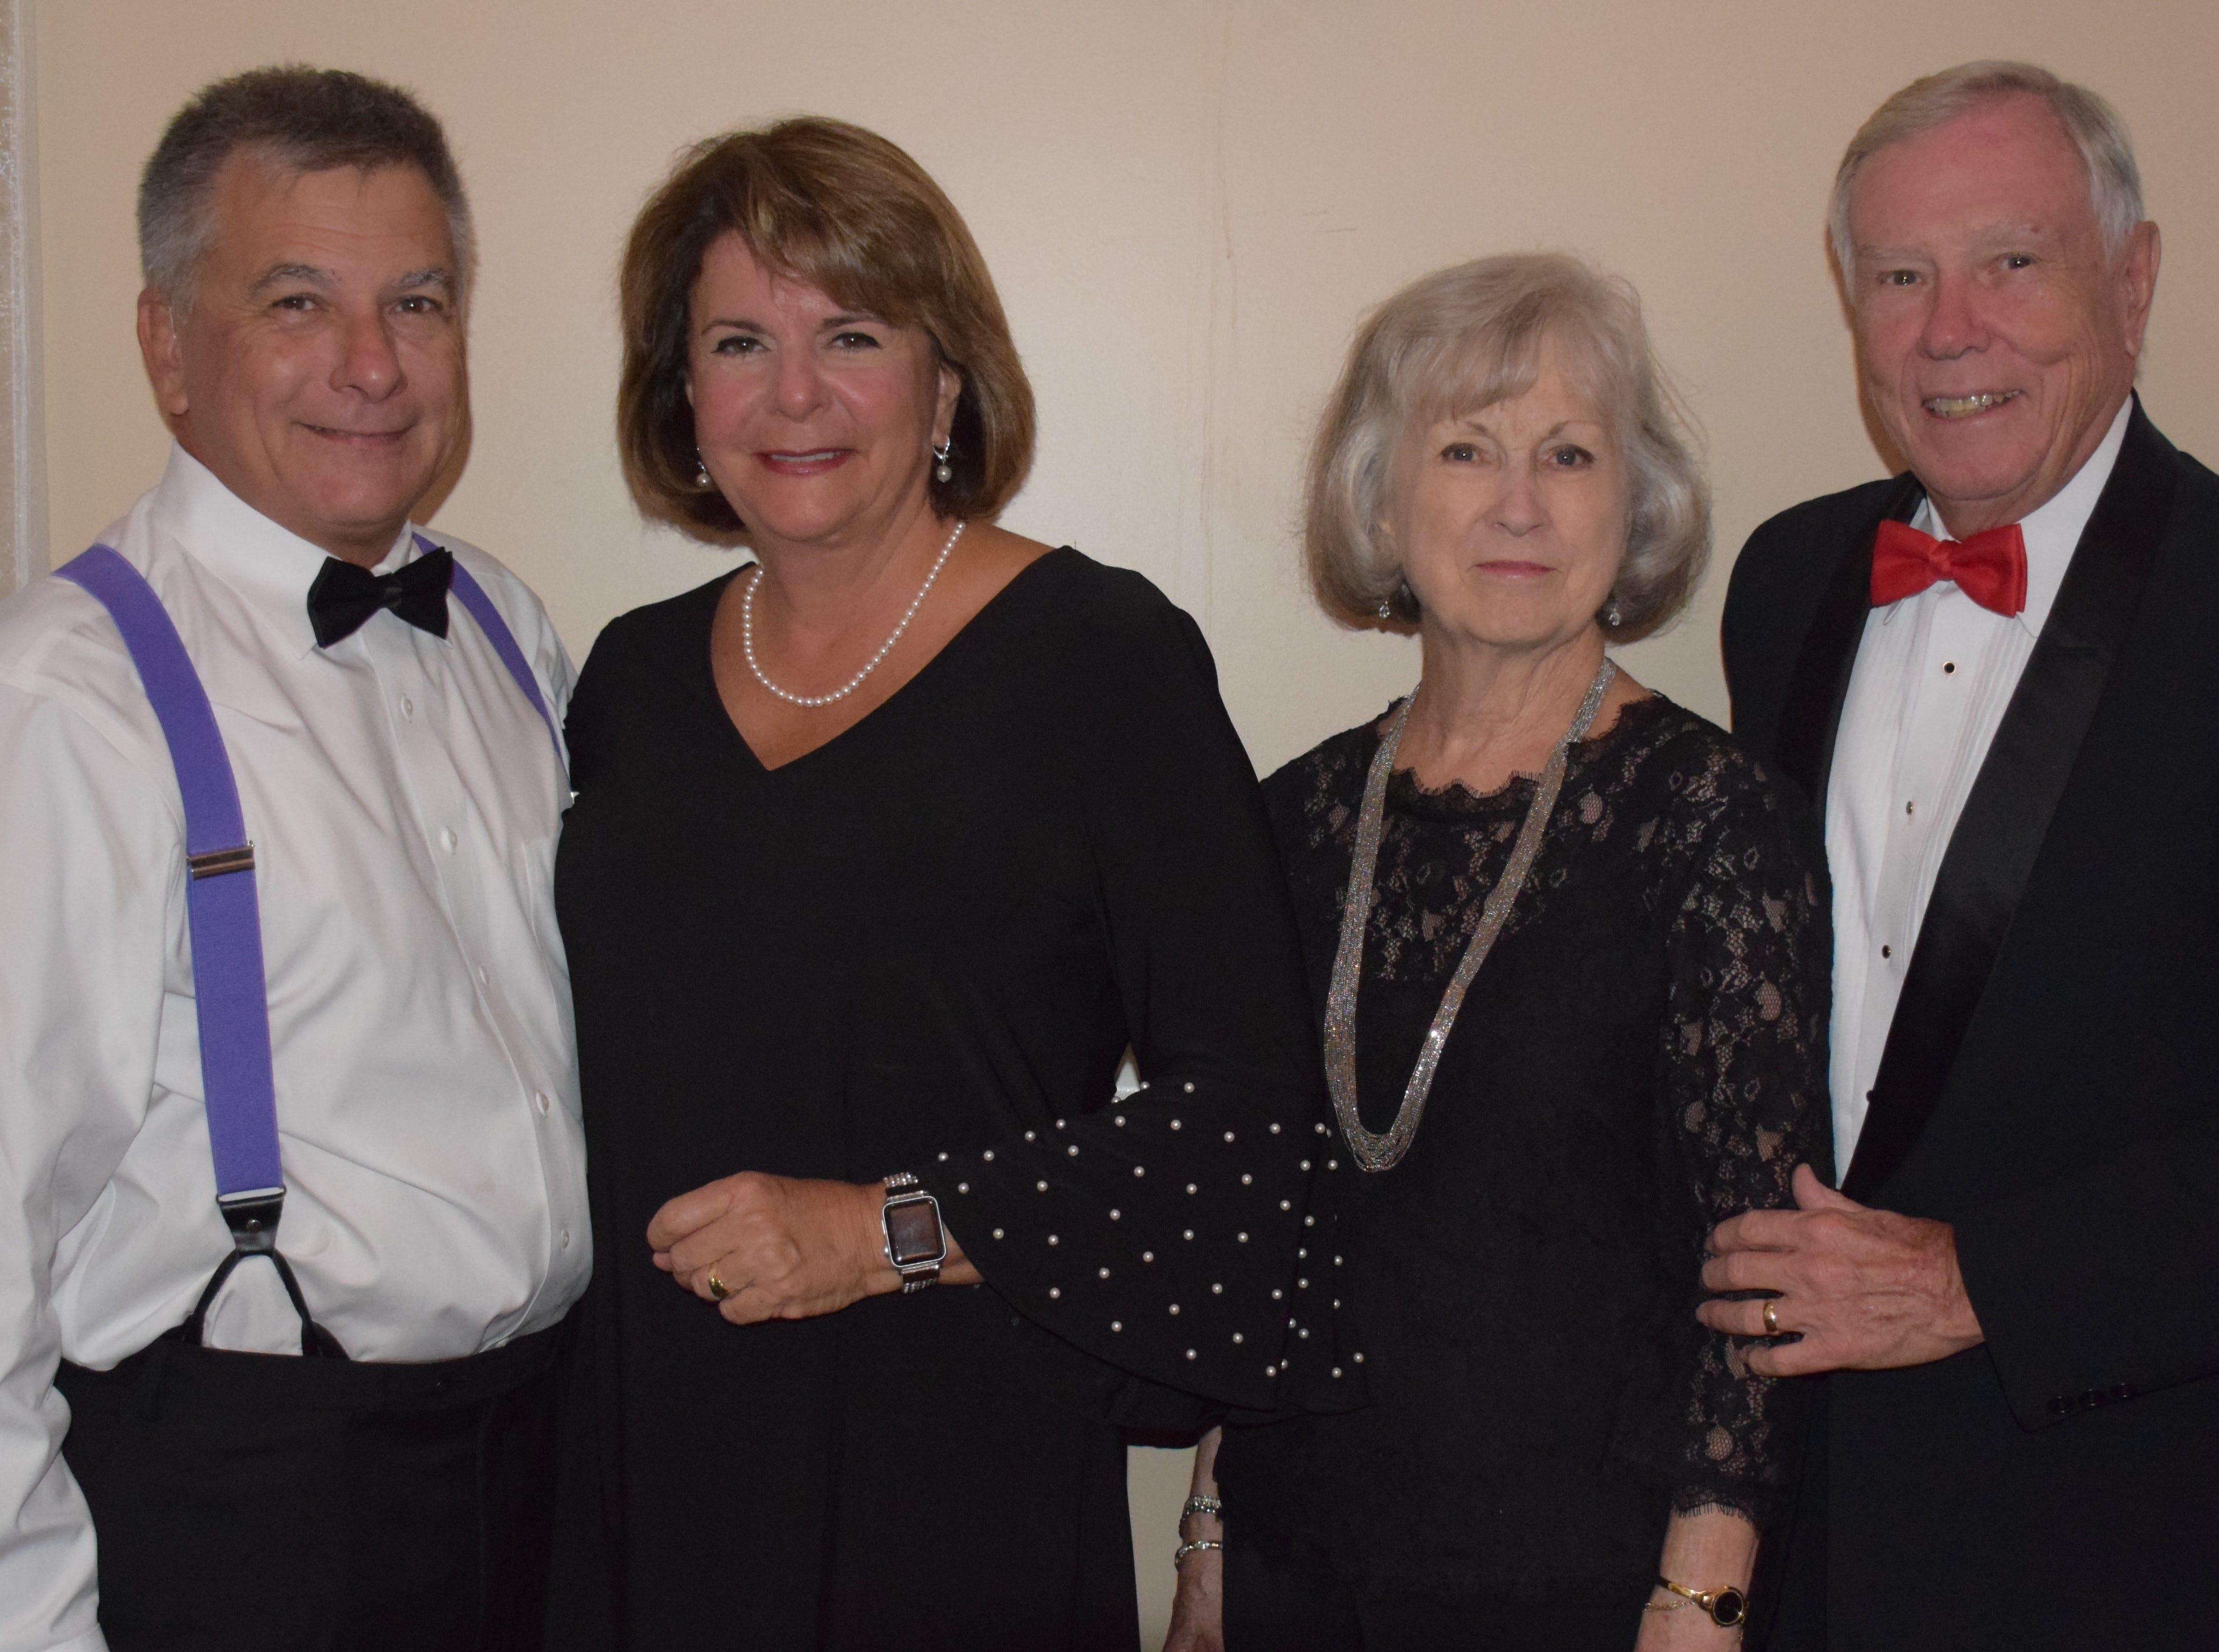 Dale & Marllyn Justice and Jan & Joe Binney